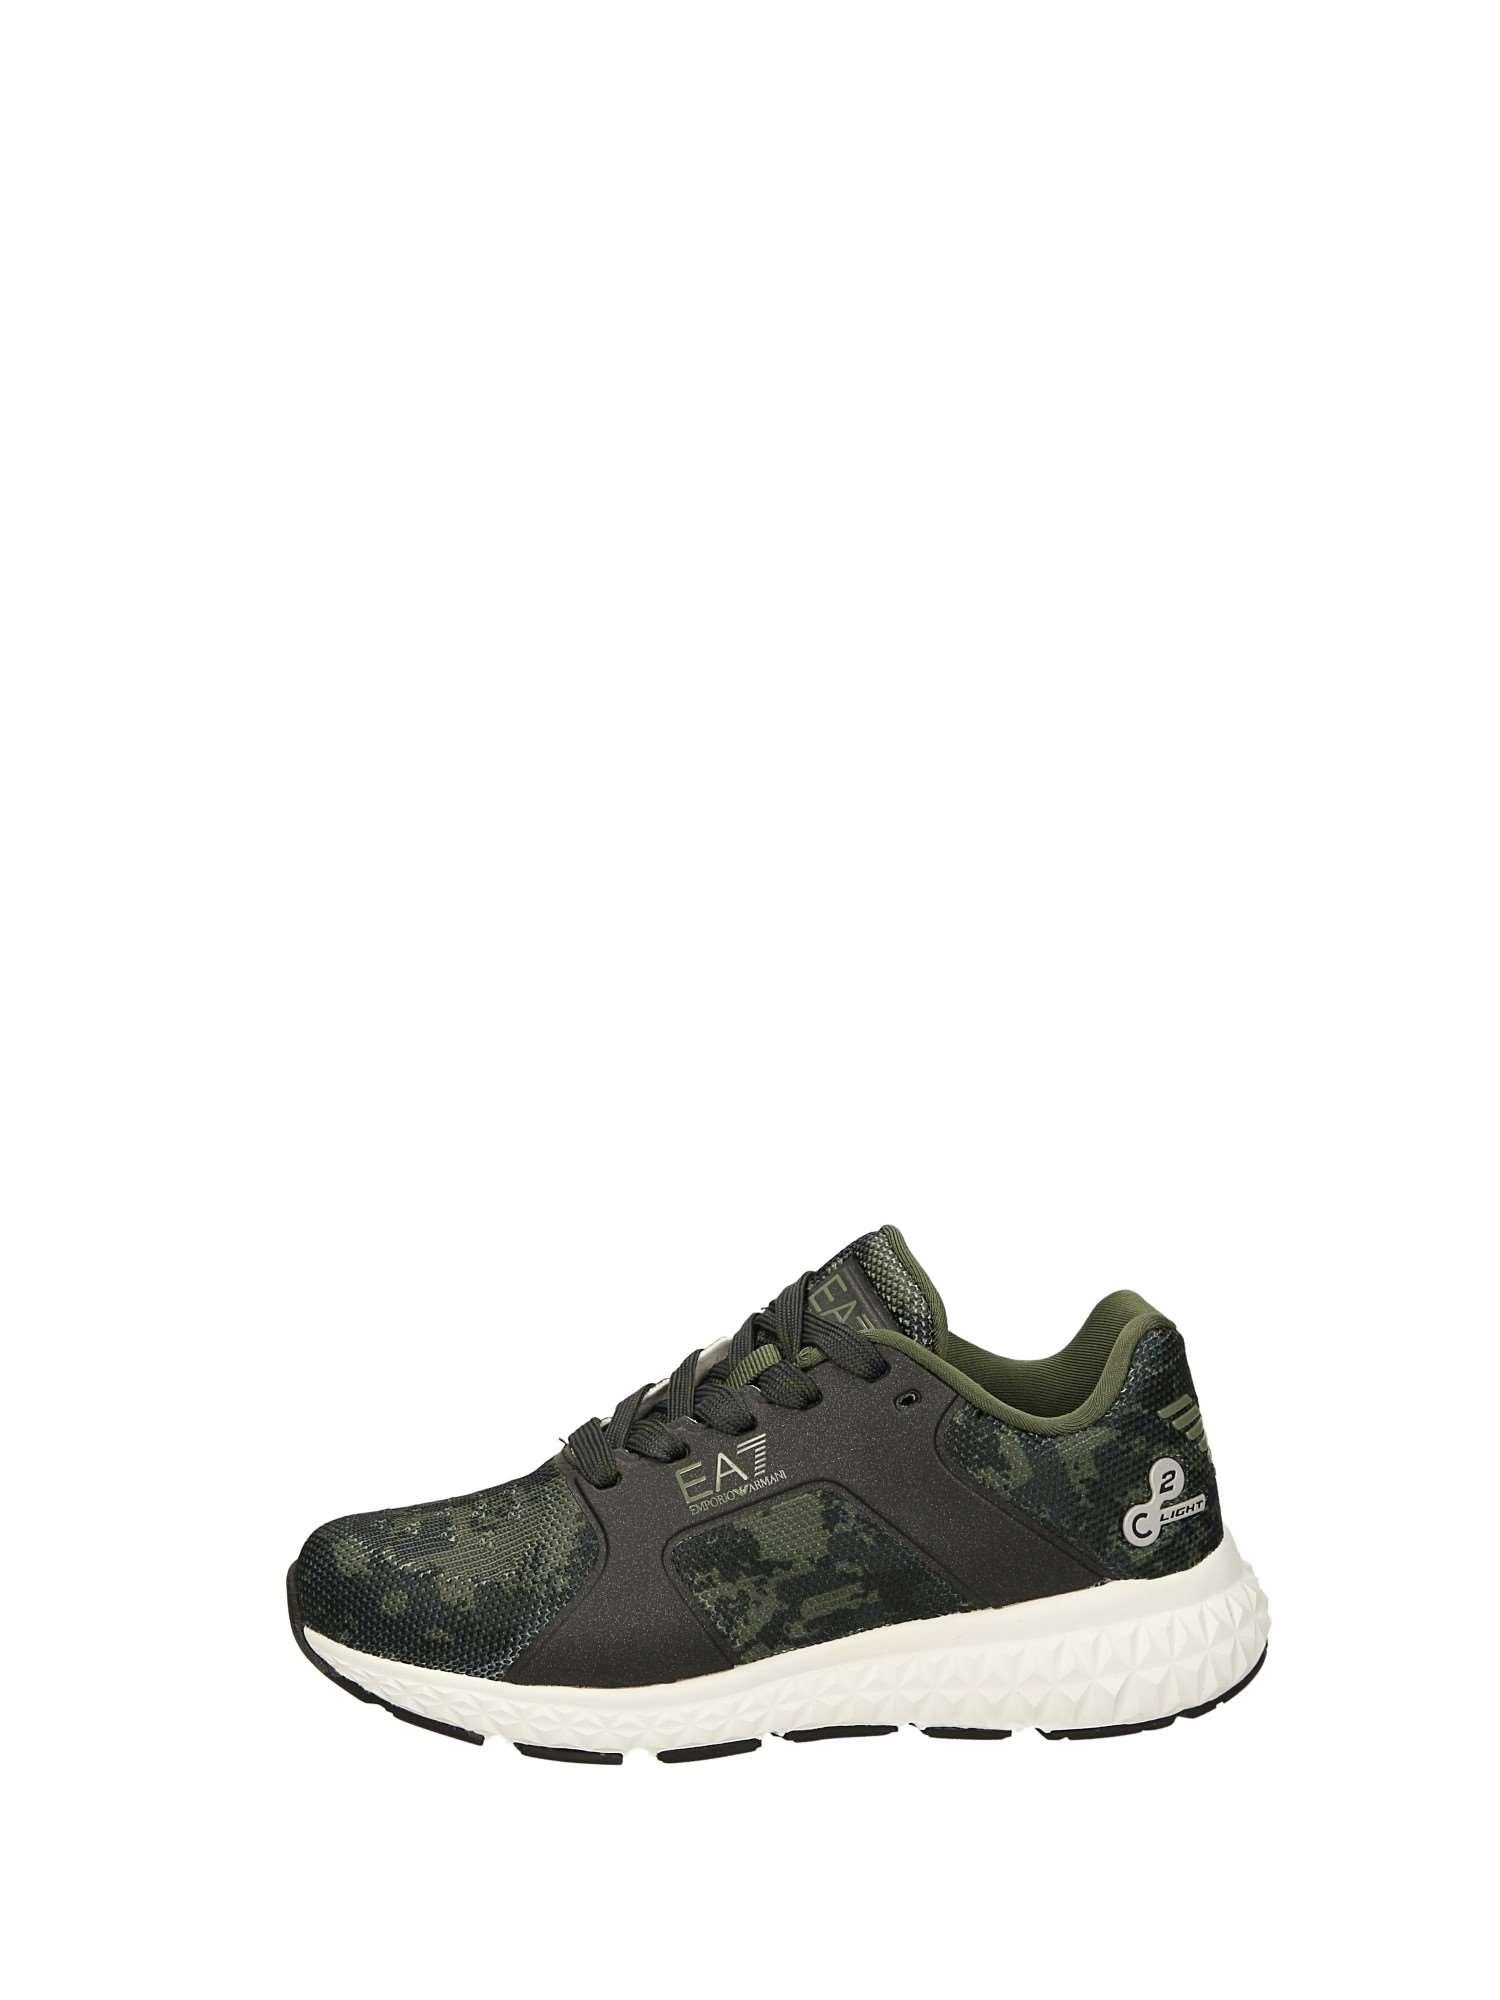 Emporio Armani XSX001 Verde Scarpe Bambino Sneakers 093912ff5db